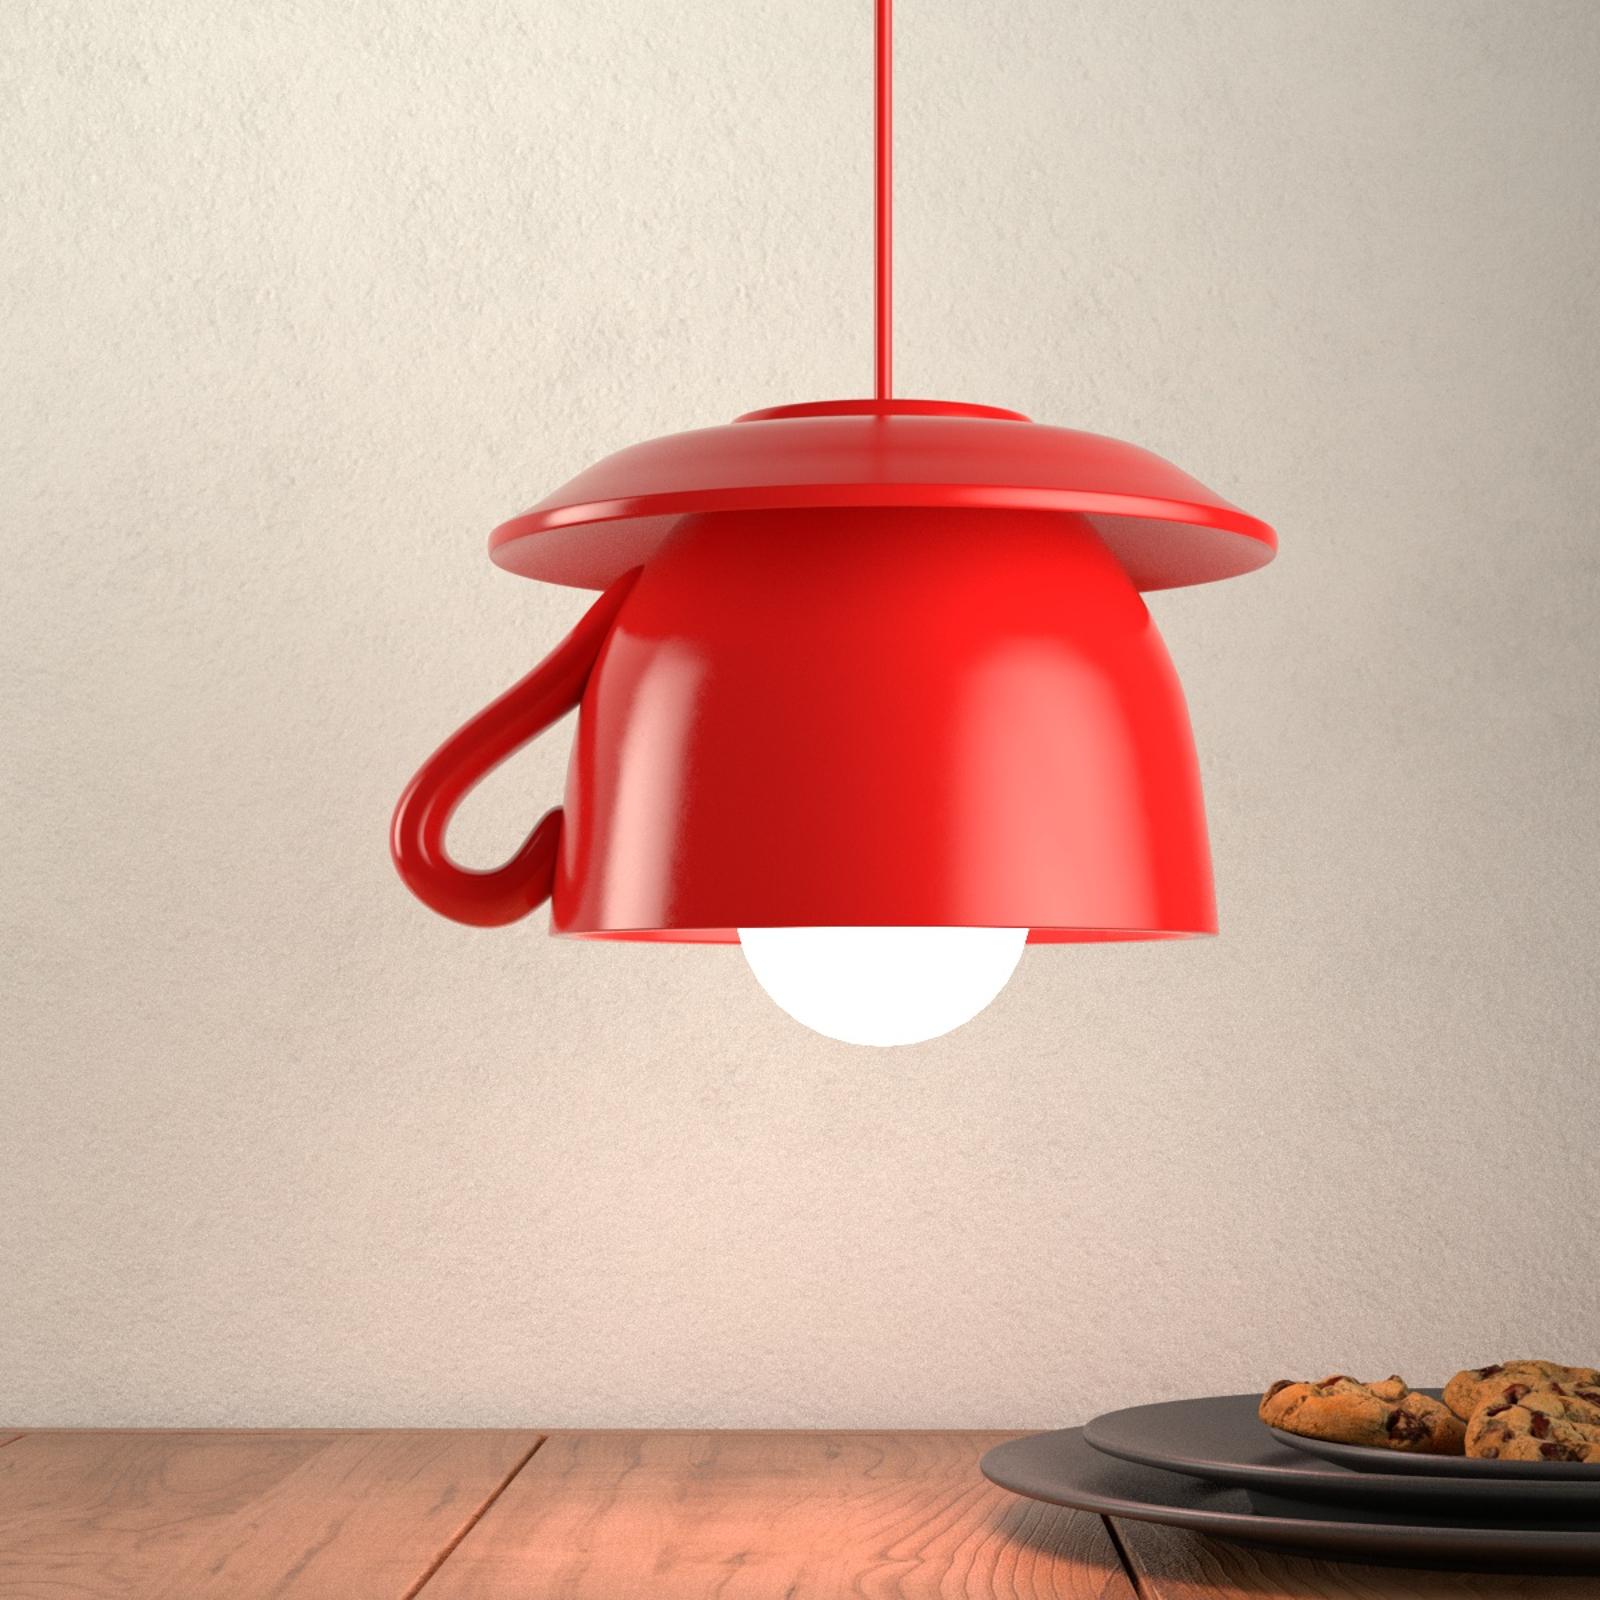 Tazza – röd keramikhänglampa för köket